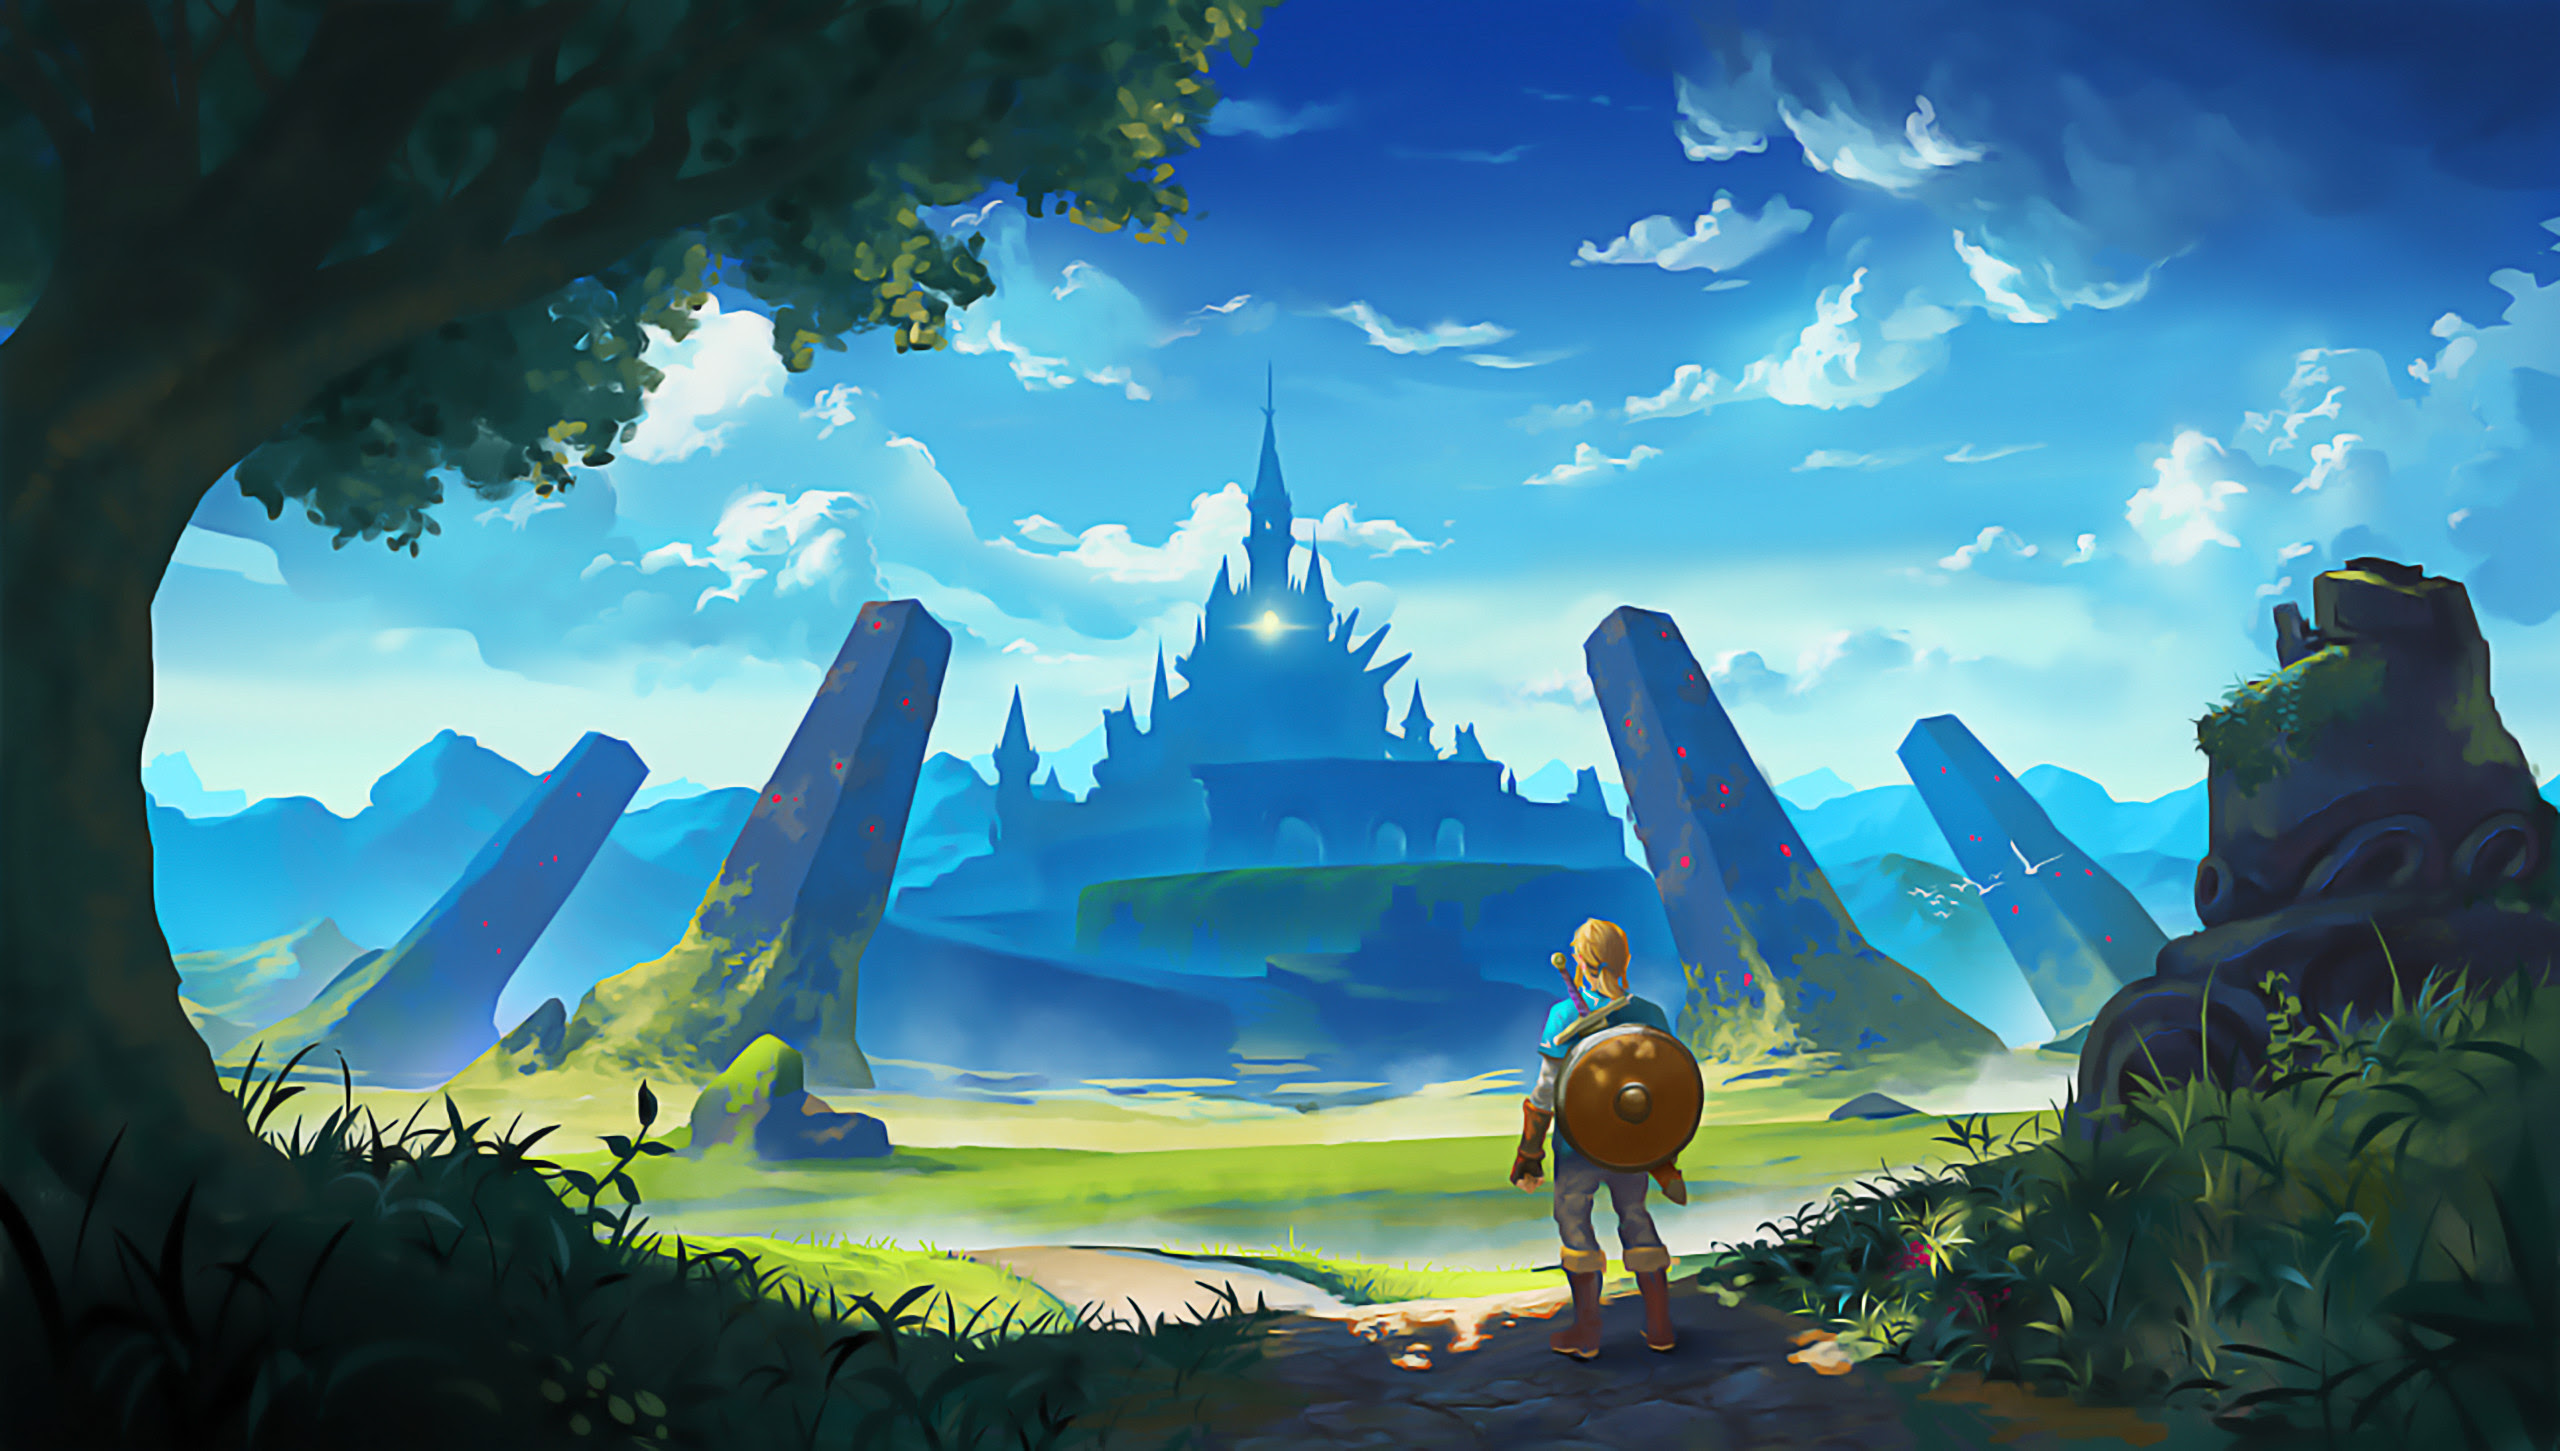 Zelda Background 74 Images